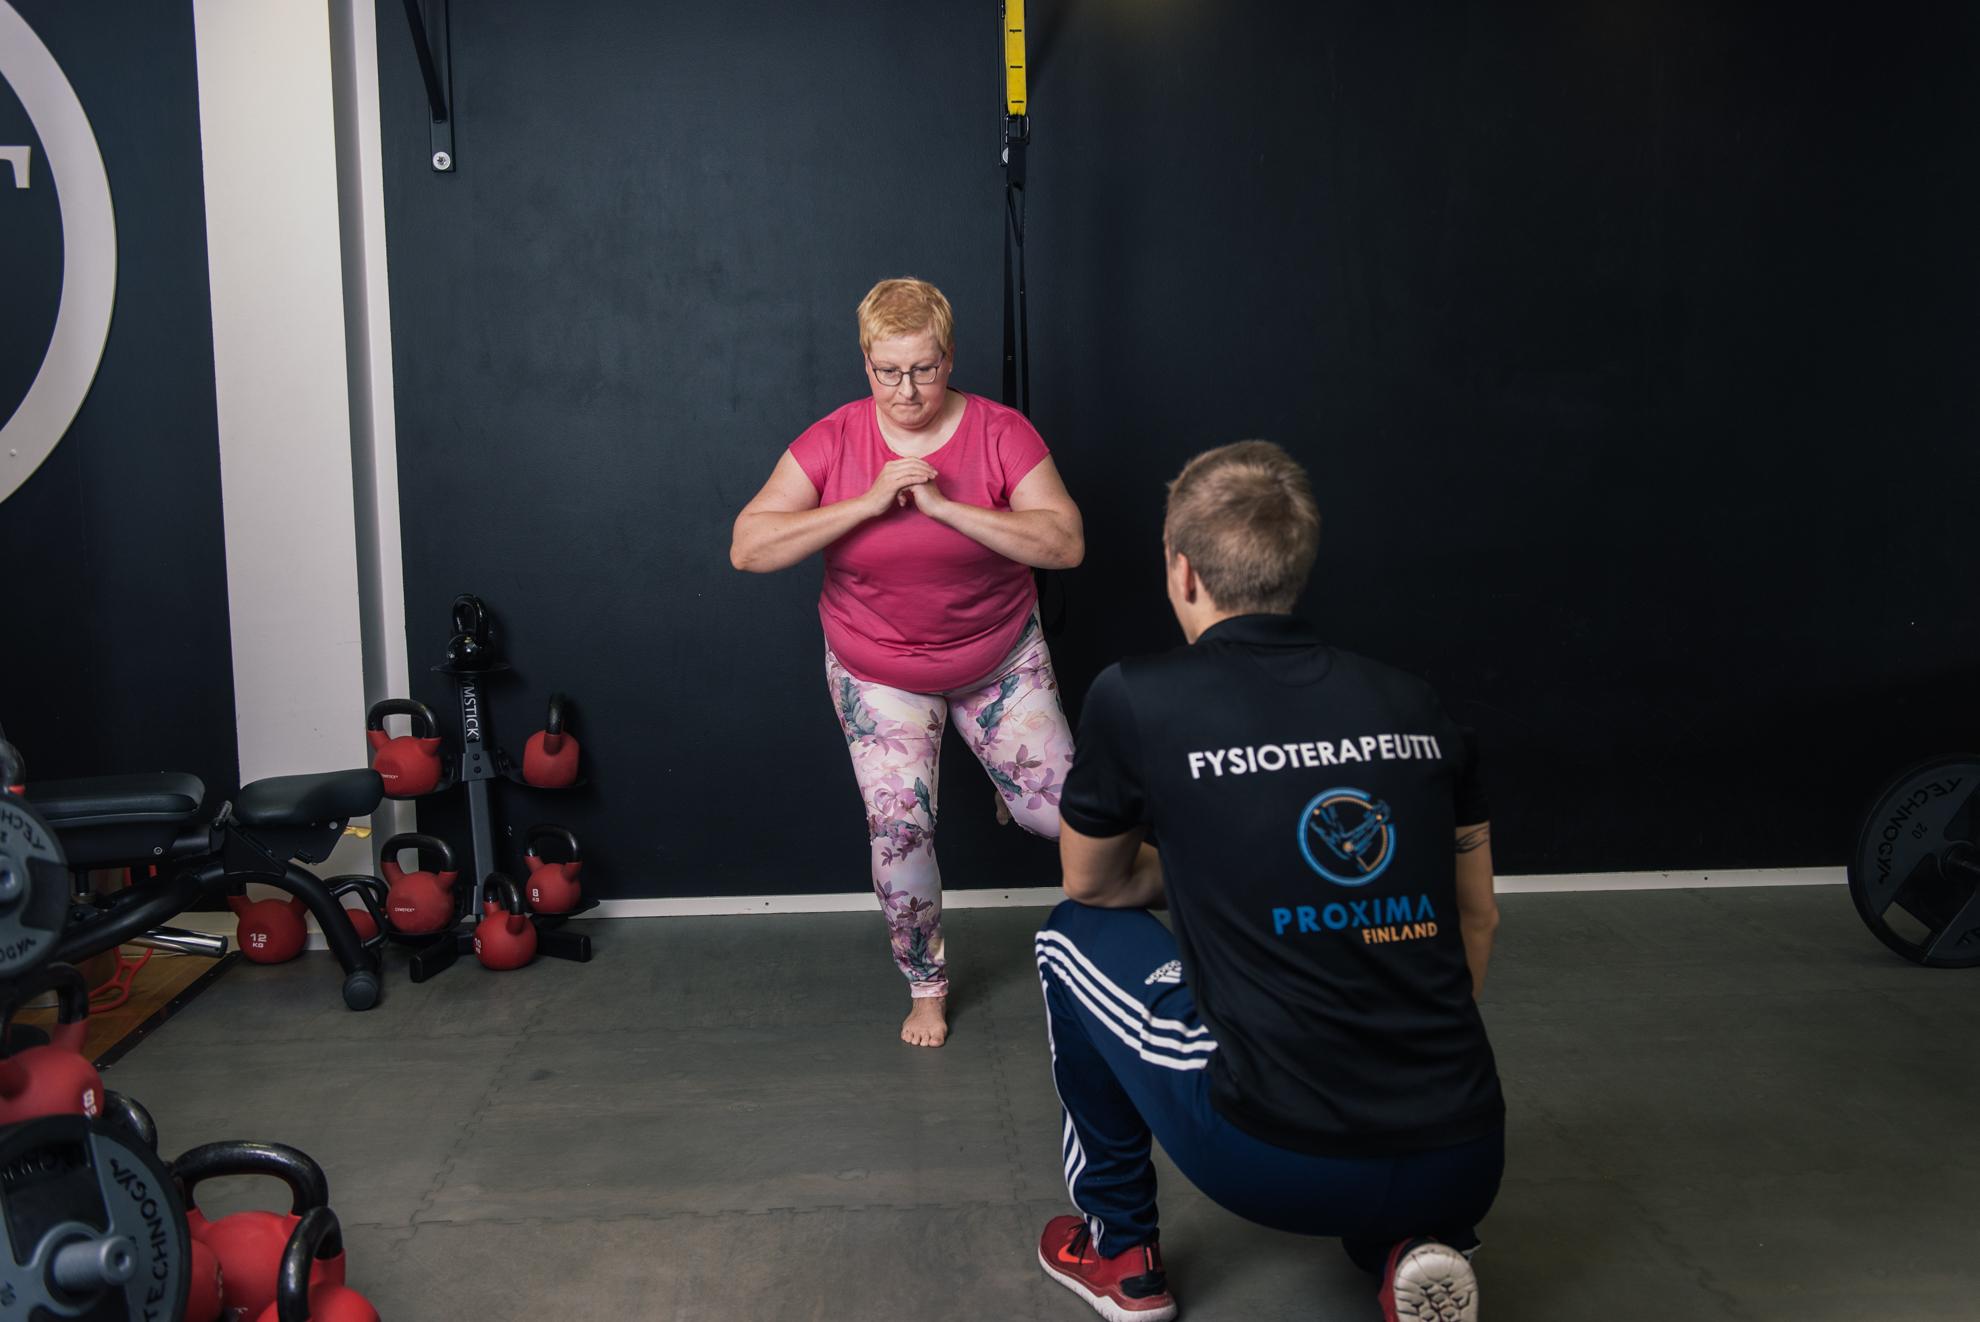 fysiikkavalmennus Fysioterapia-hieronta-urheiluhieronta-äitiysfysitoerapia-fysio-omt fysioterapia-